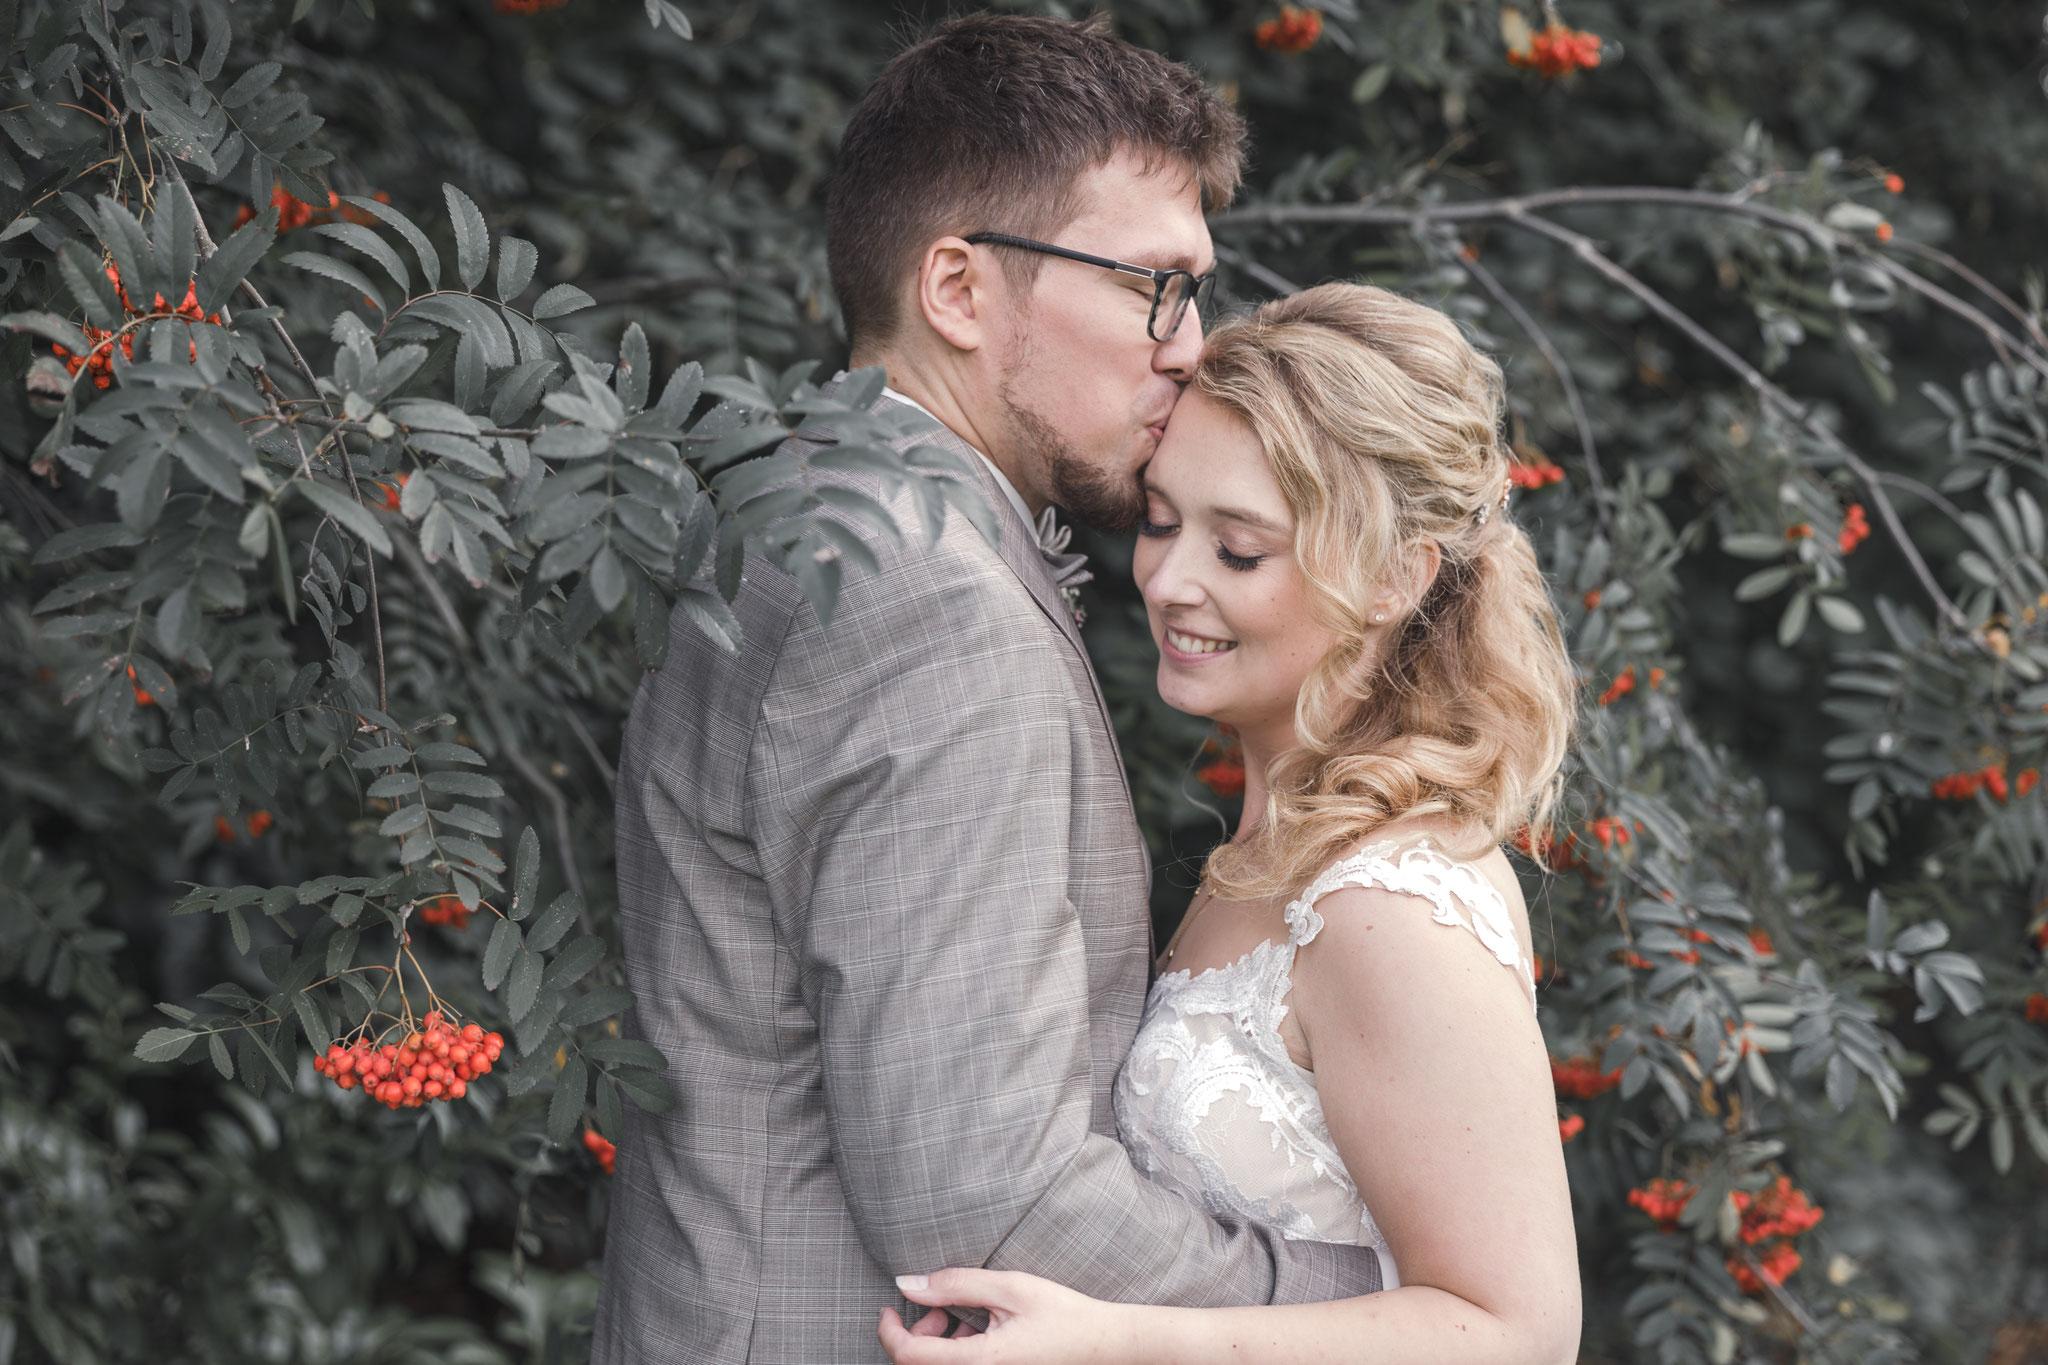 stille Momente sind bei allem Hochzeitstrubel auch wichtig